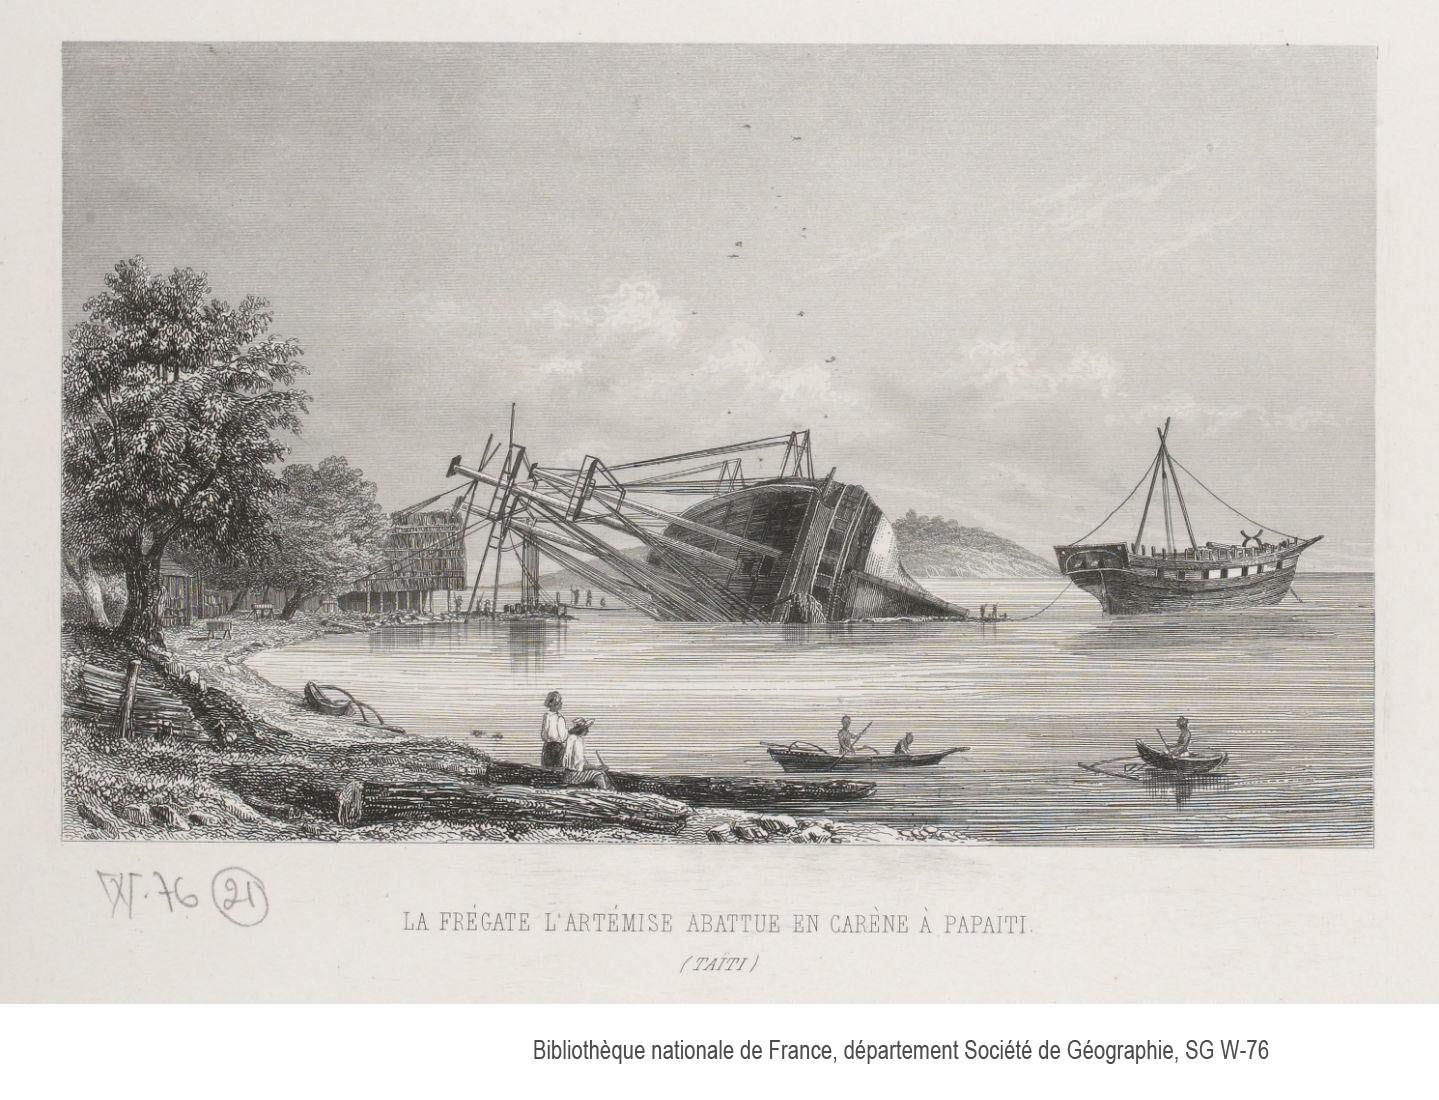 Le haut fait d'armes de Laplace a, incontestablement, été de sauver son bateau, L'Artémise, grâce à un échouage comme on n'en avait encore jamais vu à Motu Uta.